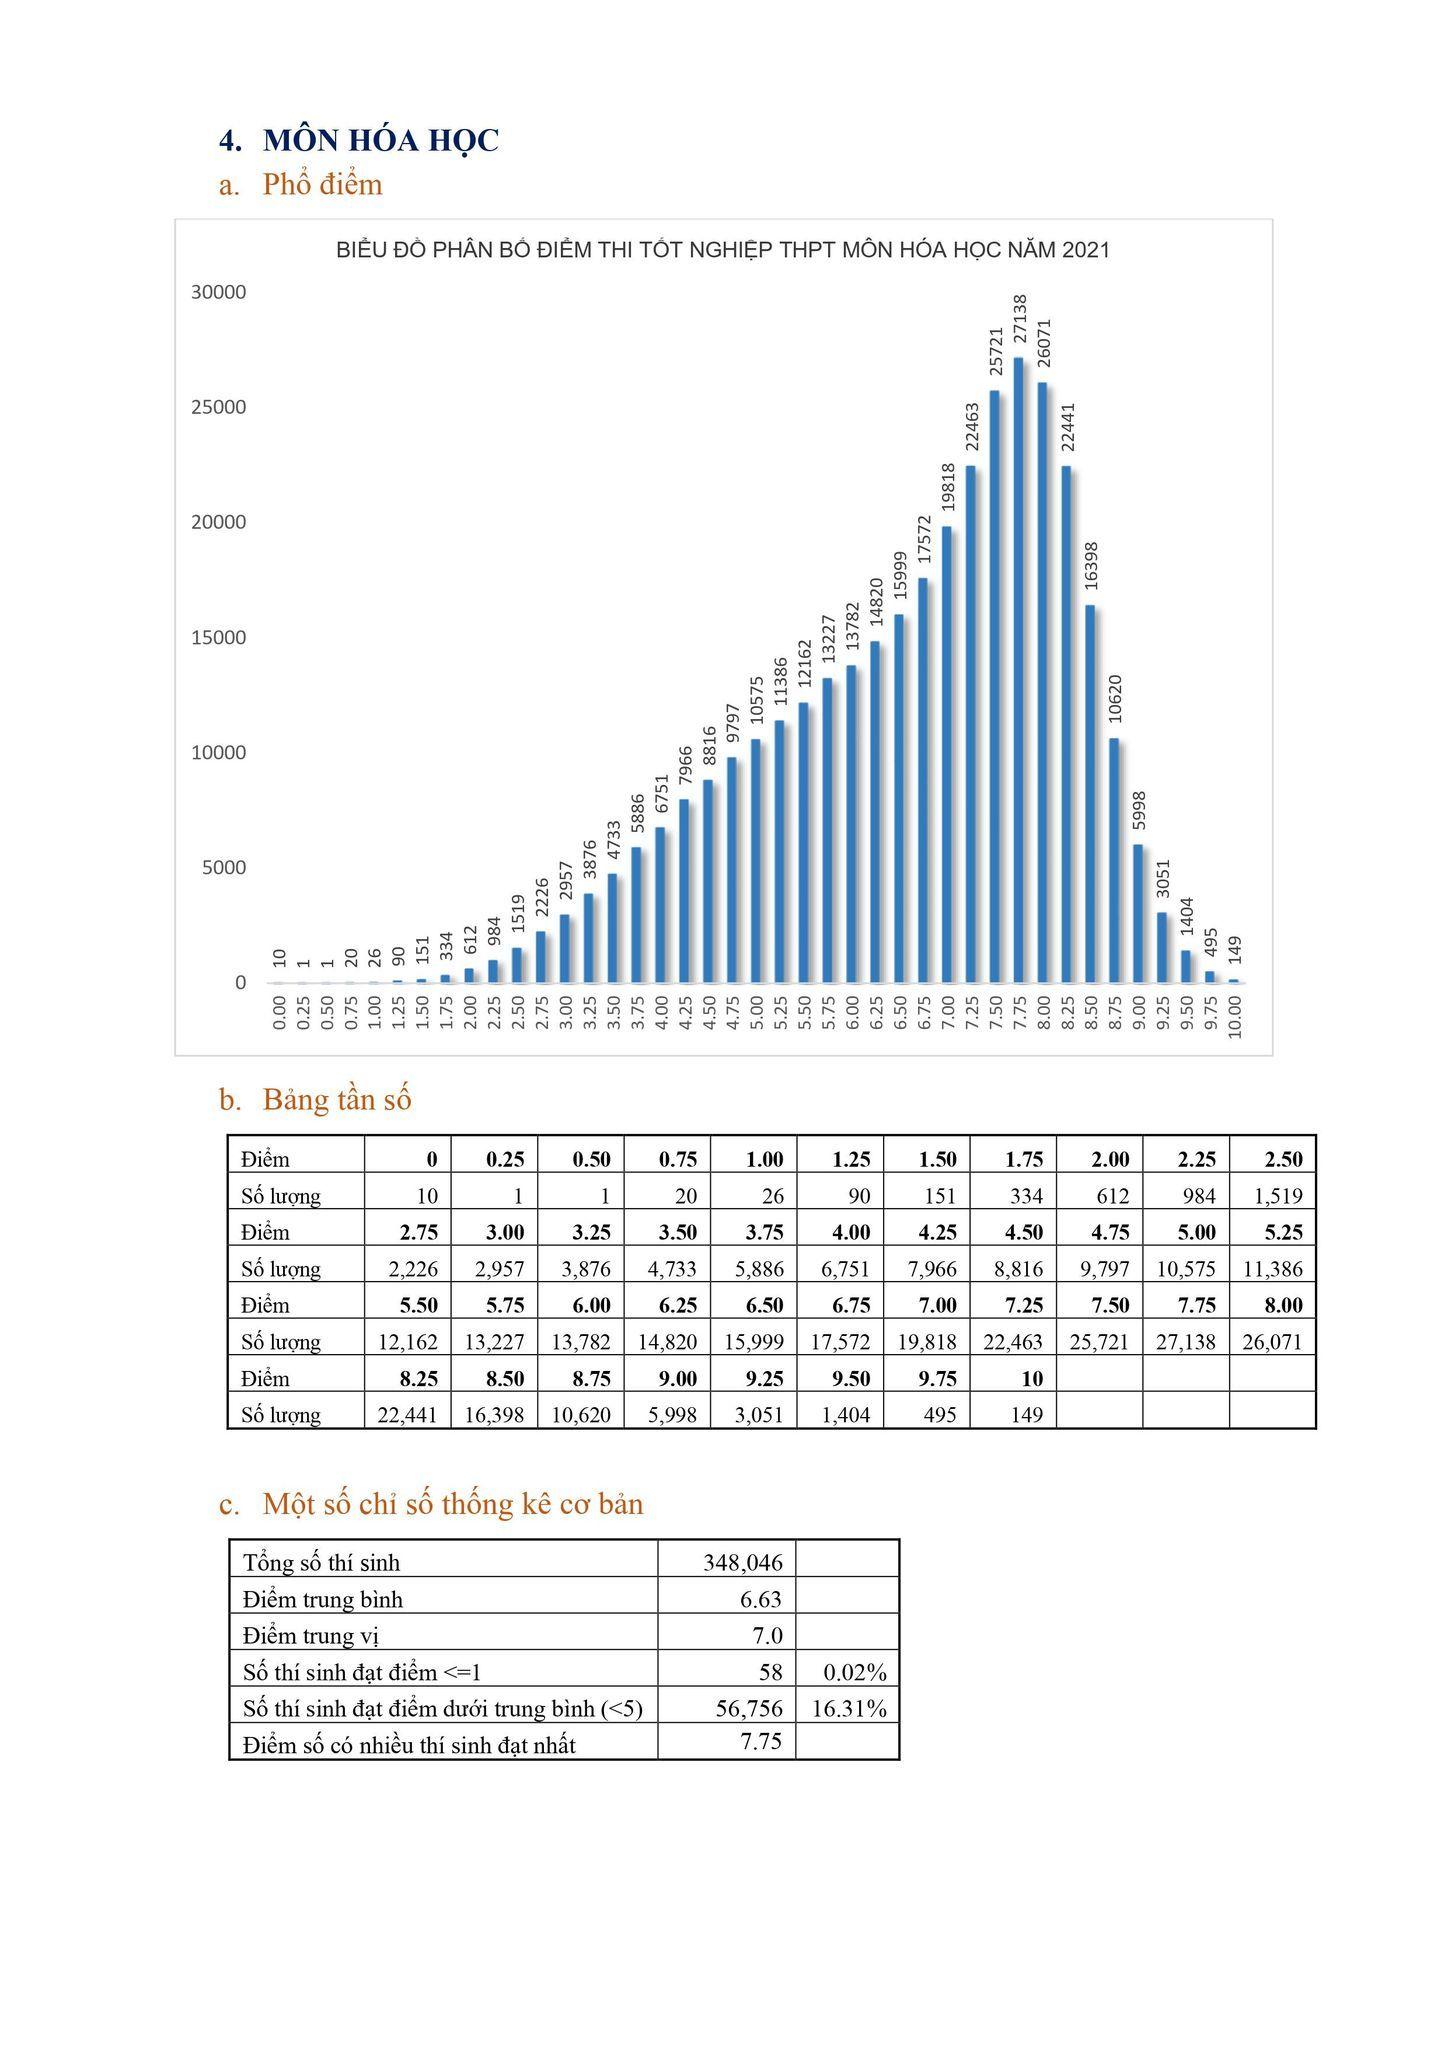 Phổ điểm các môn thi tốt nghiệp THPT 2021: Môn Lịch sử có 540 bài thi 'đì đẹt' từ 0-1 điểm